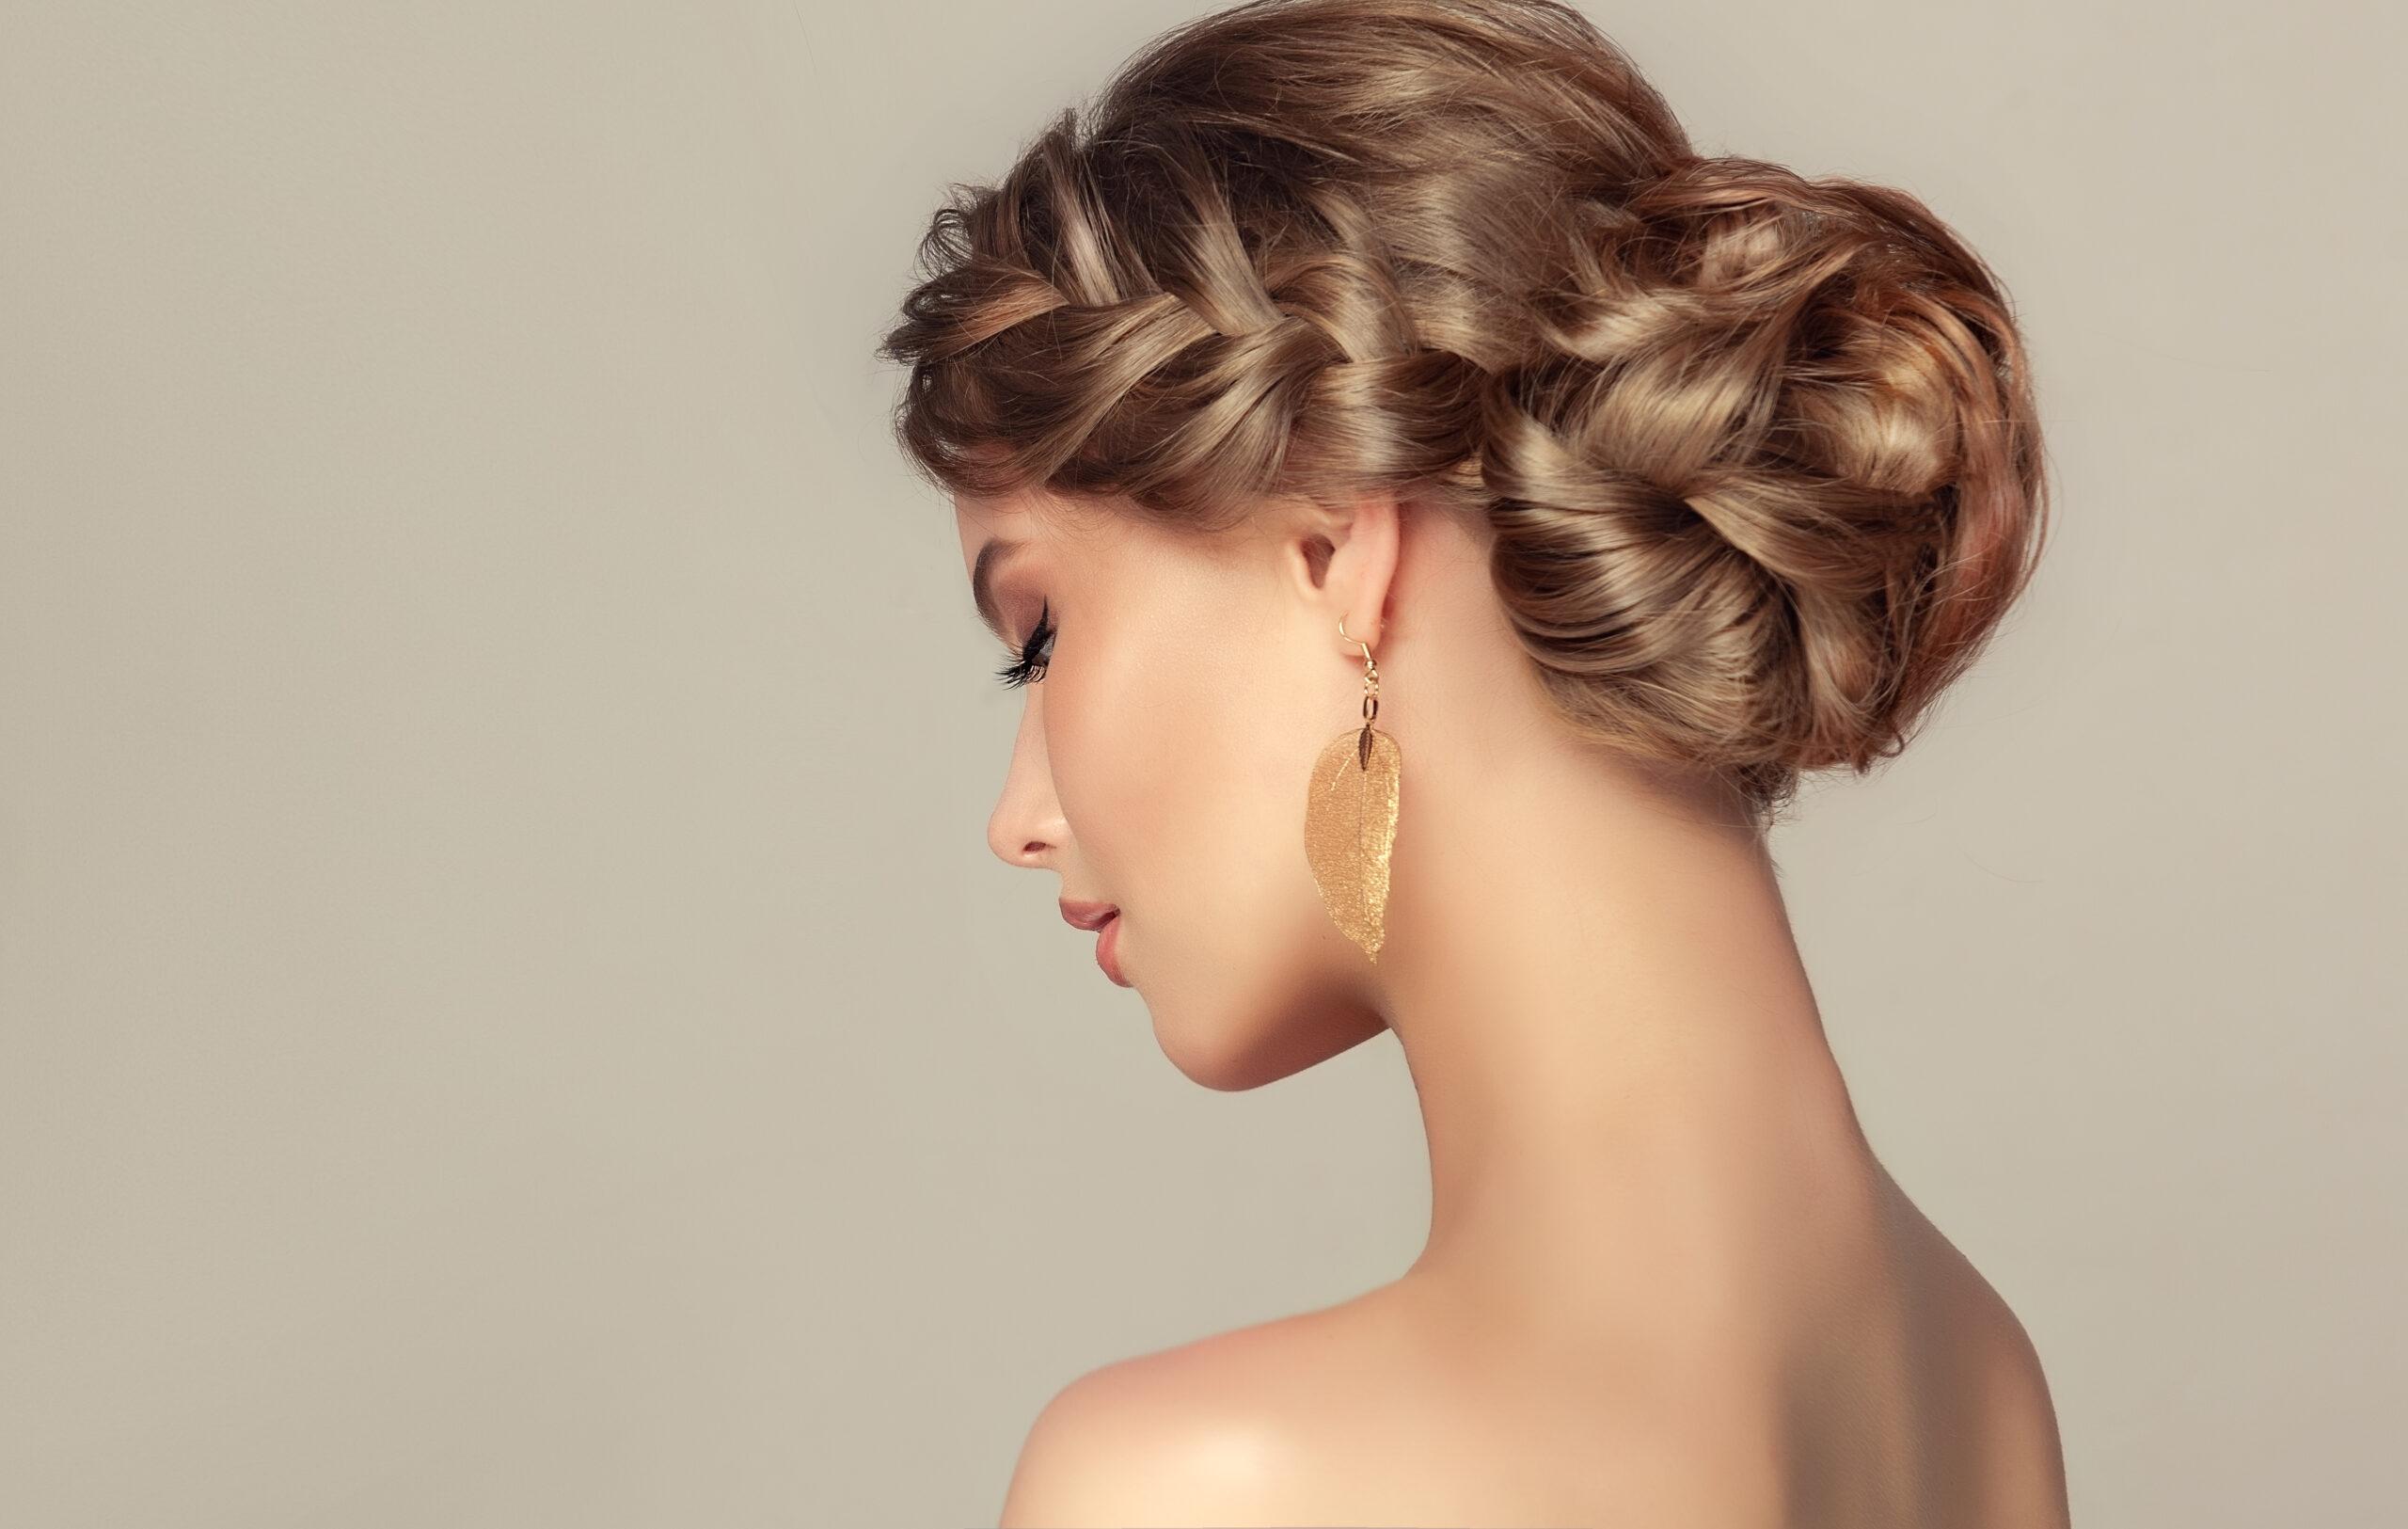 kok z warkoczem jako przykład fryzury na wesele